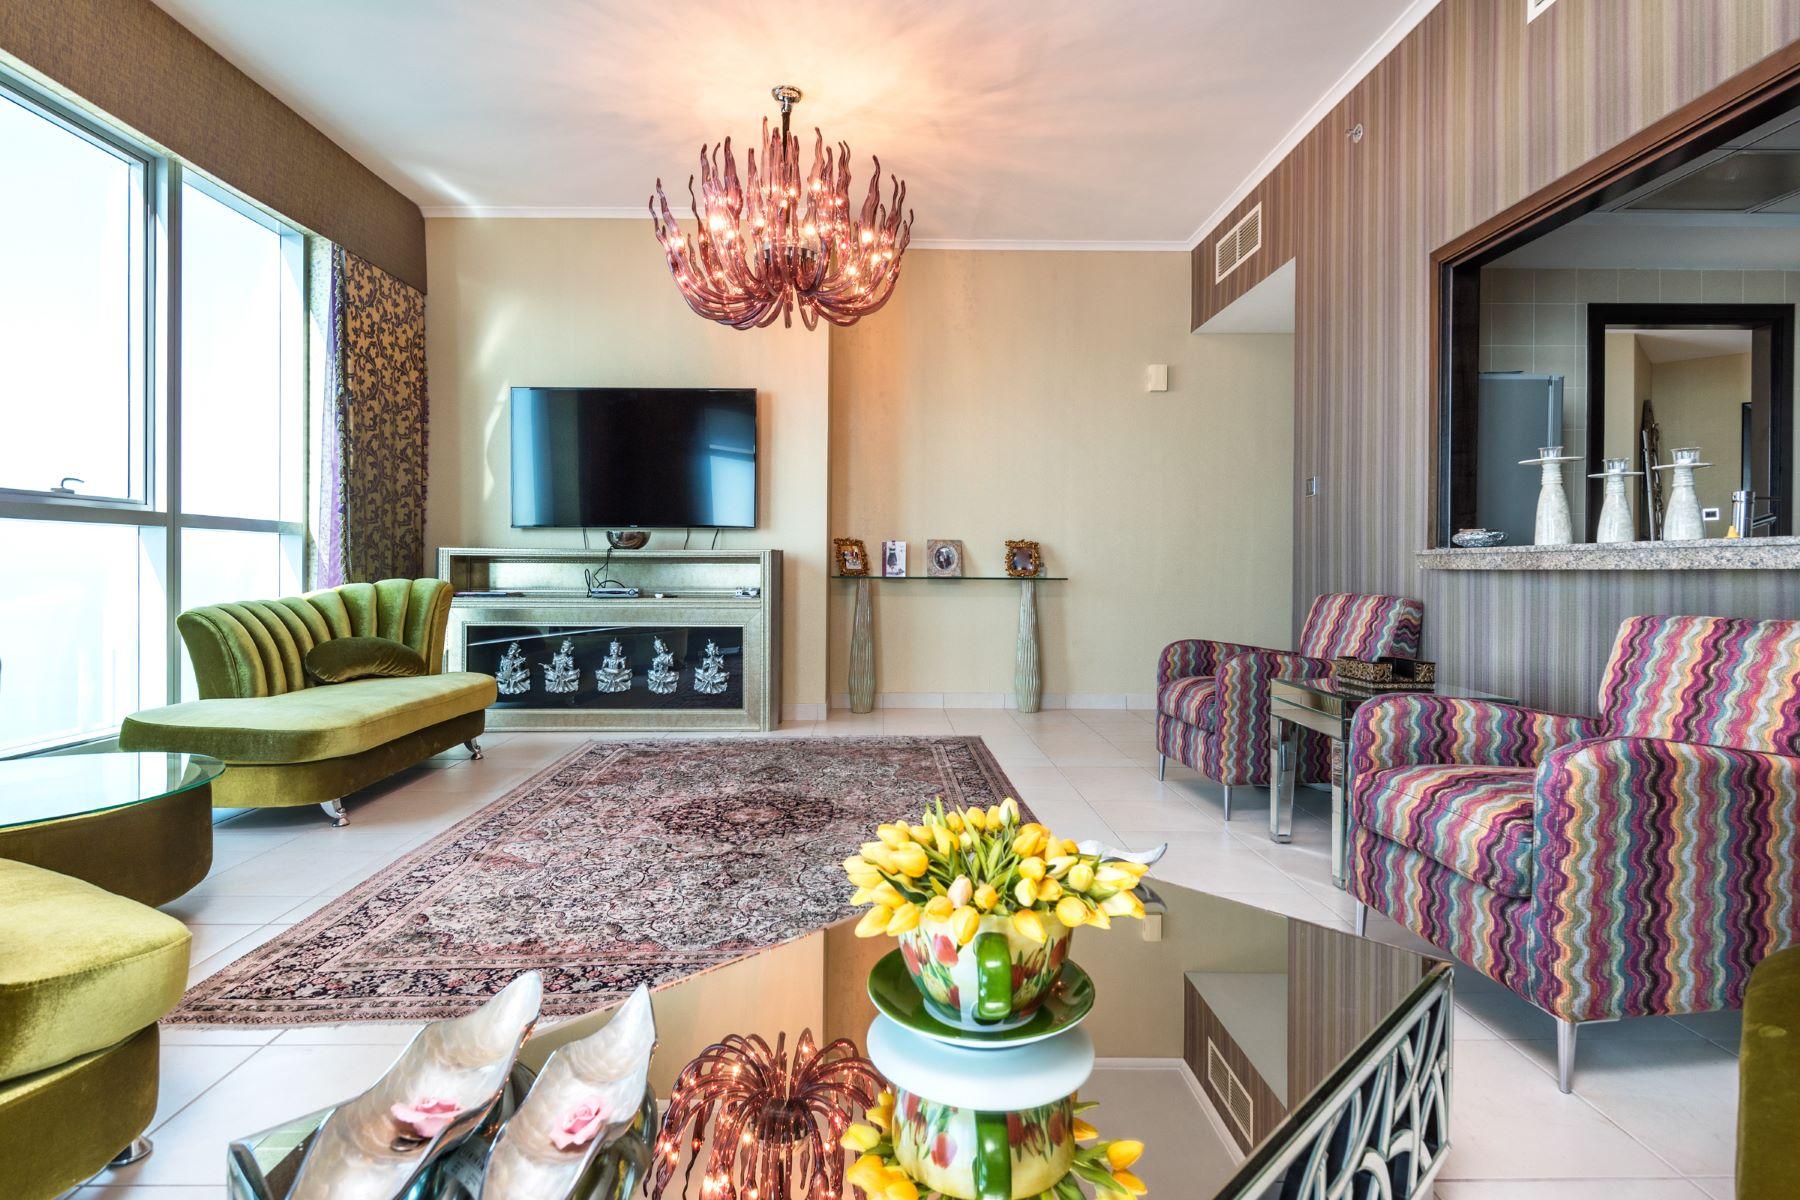 Property for Sale at Above 70th Floor Dubai Marina, Dubai, Dubai United Arab Emirates